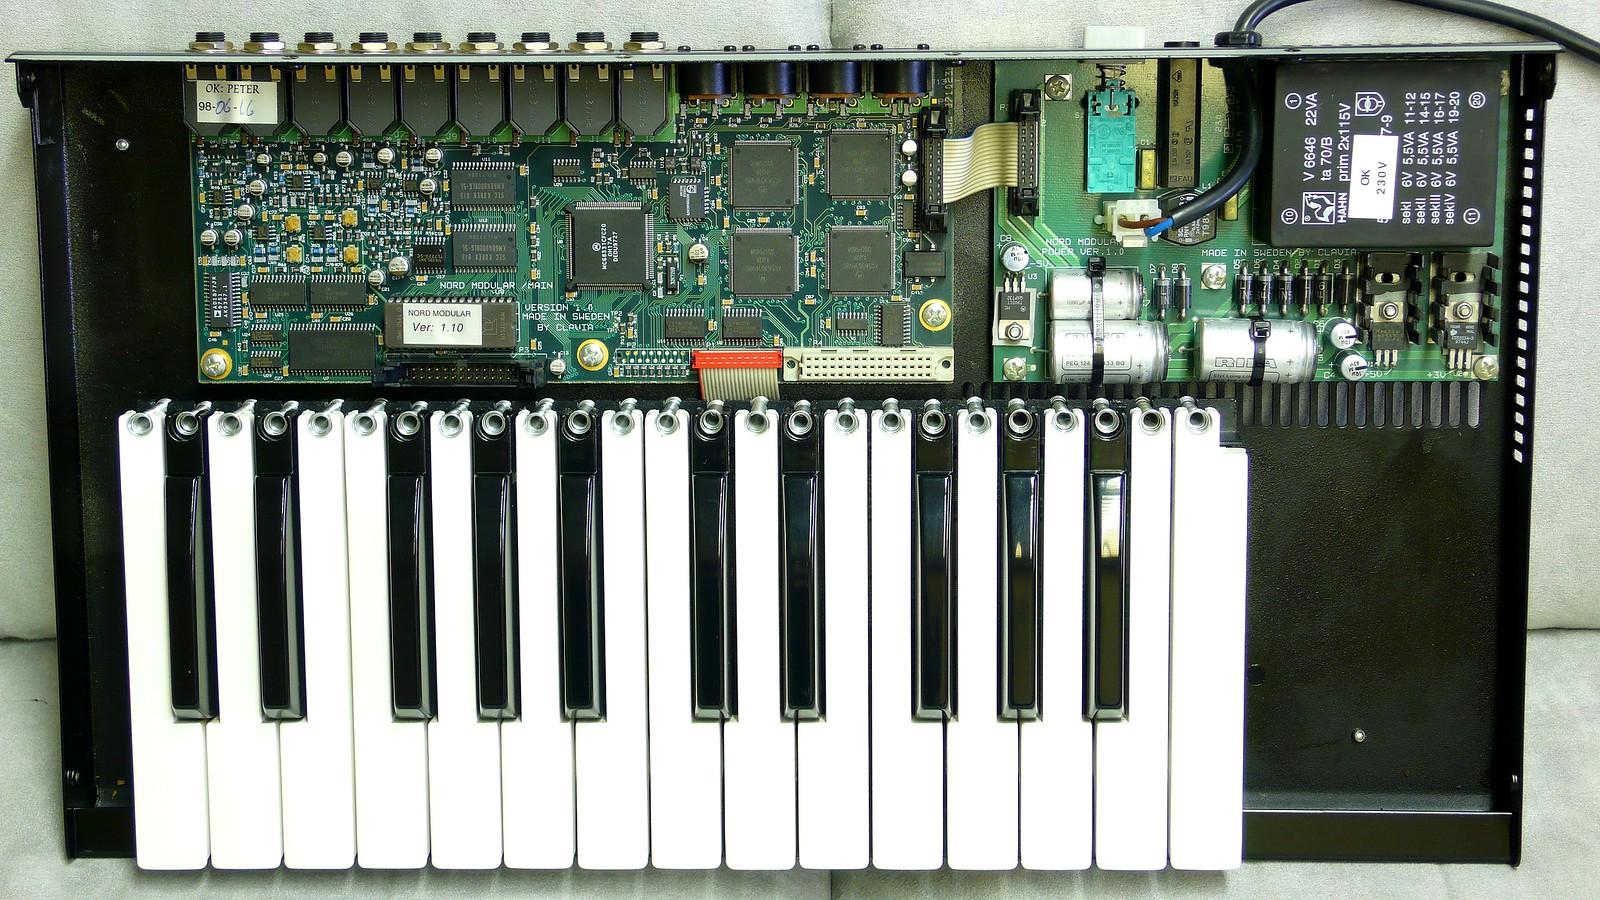 Nord Modular G1 Keyboard inside